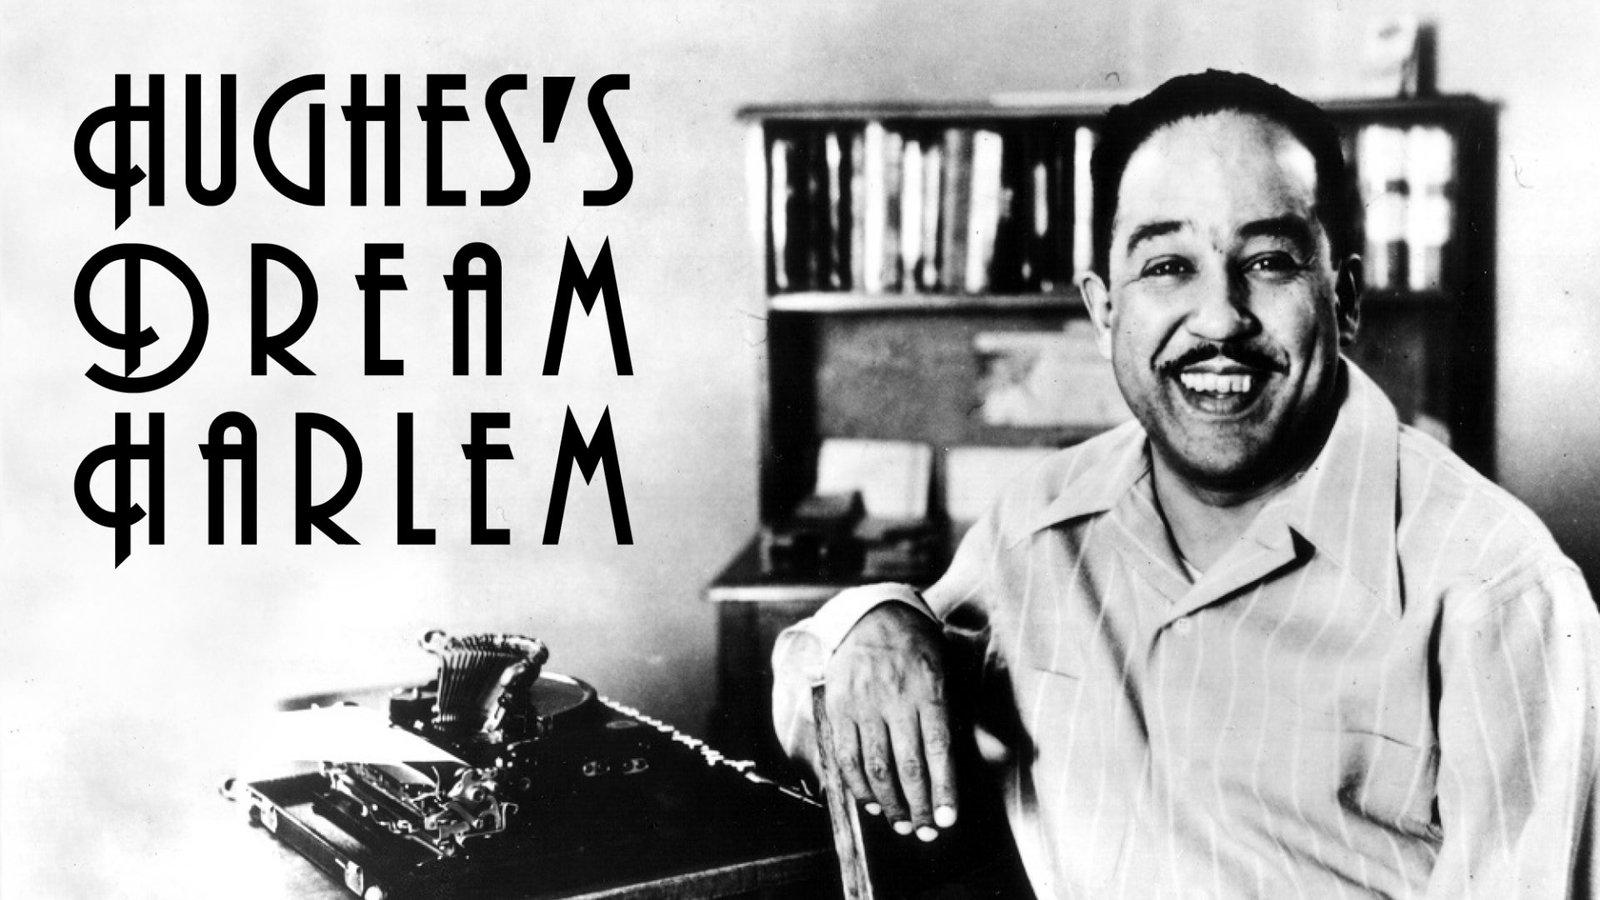 Hughes' Dream Harlem - Langston Hughes, Harlem's Poet Laureate